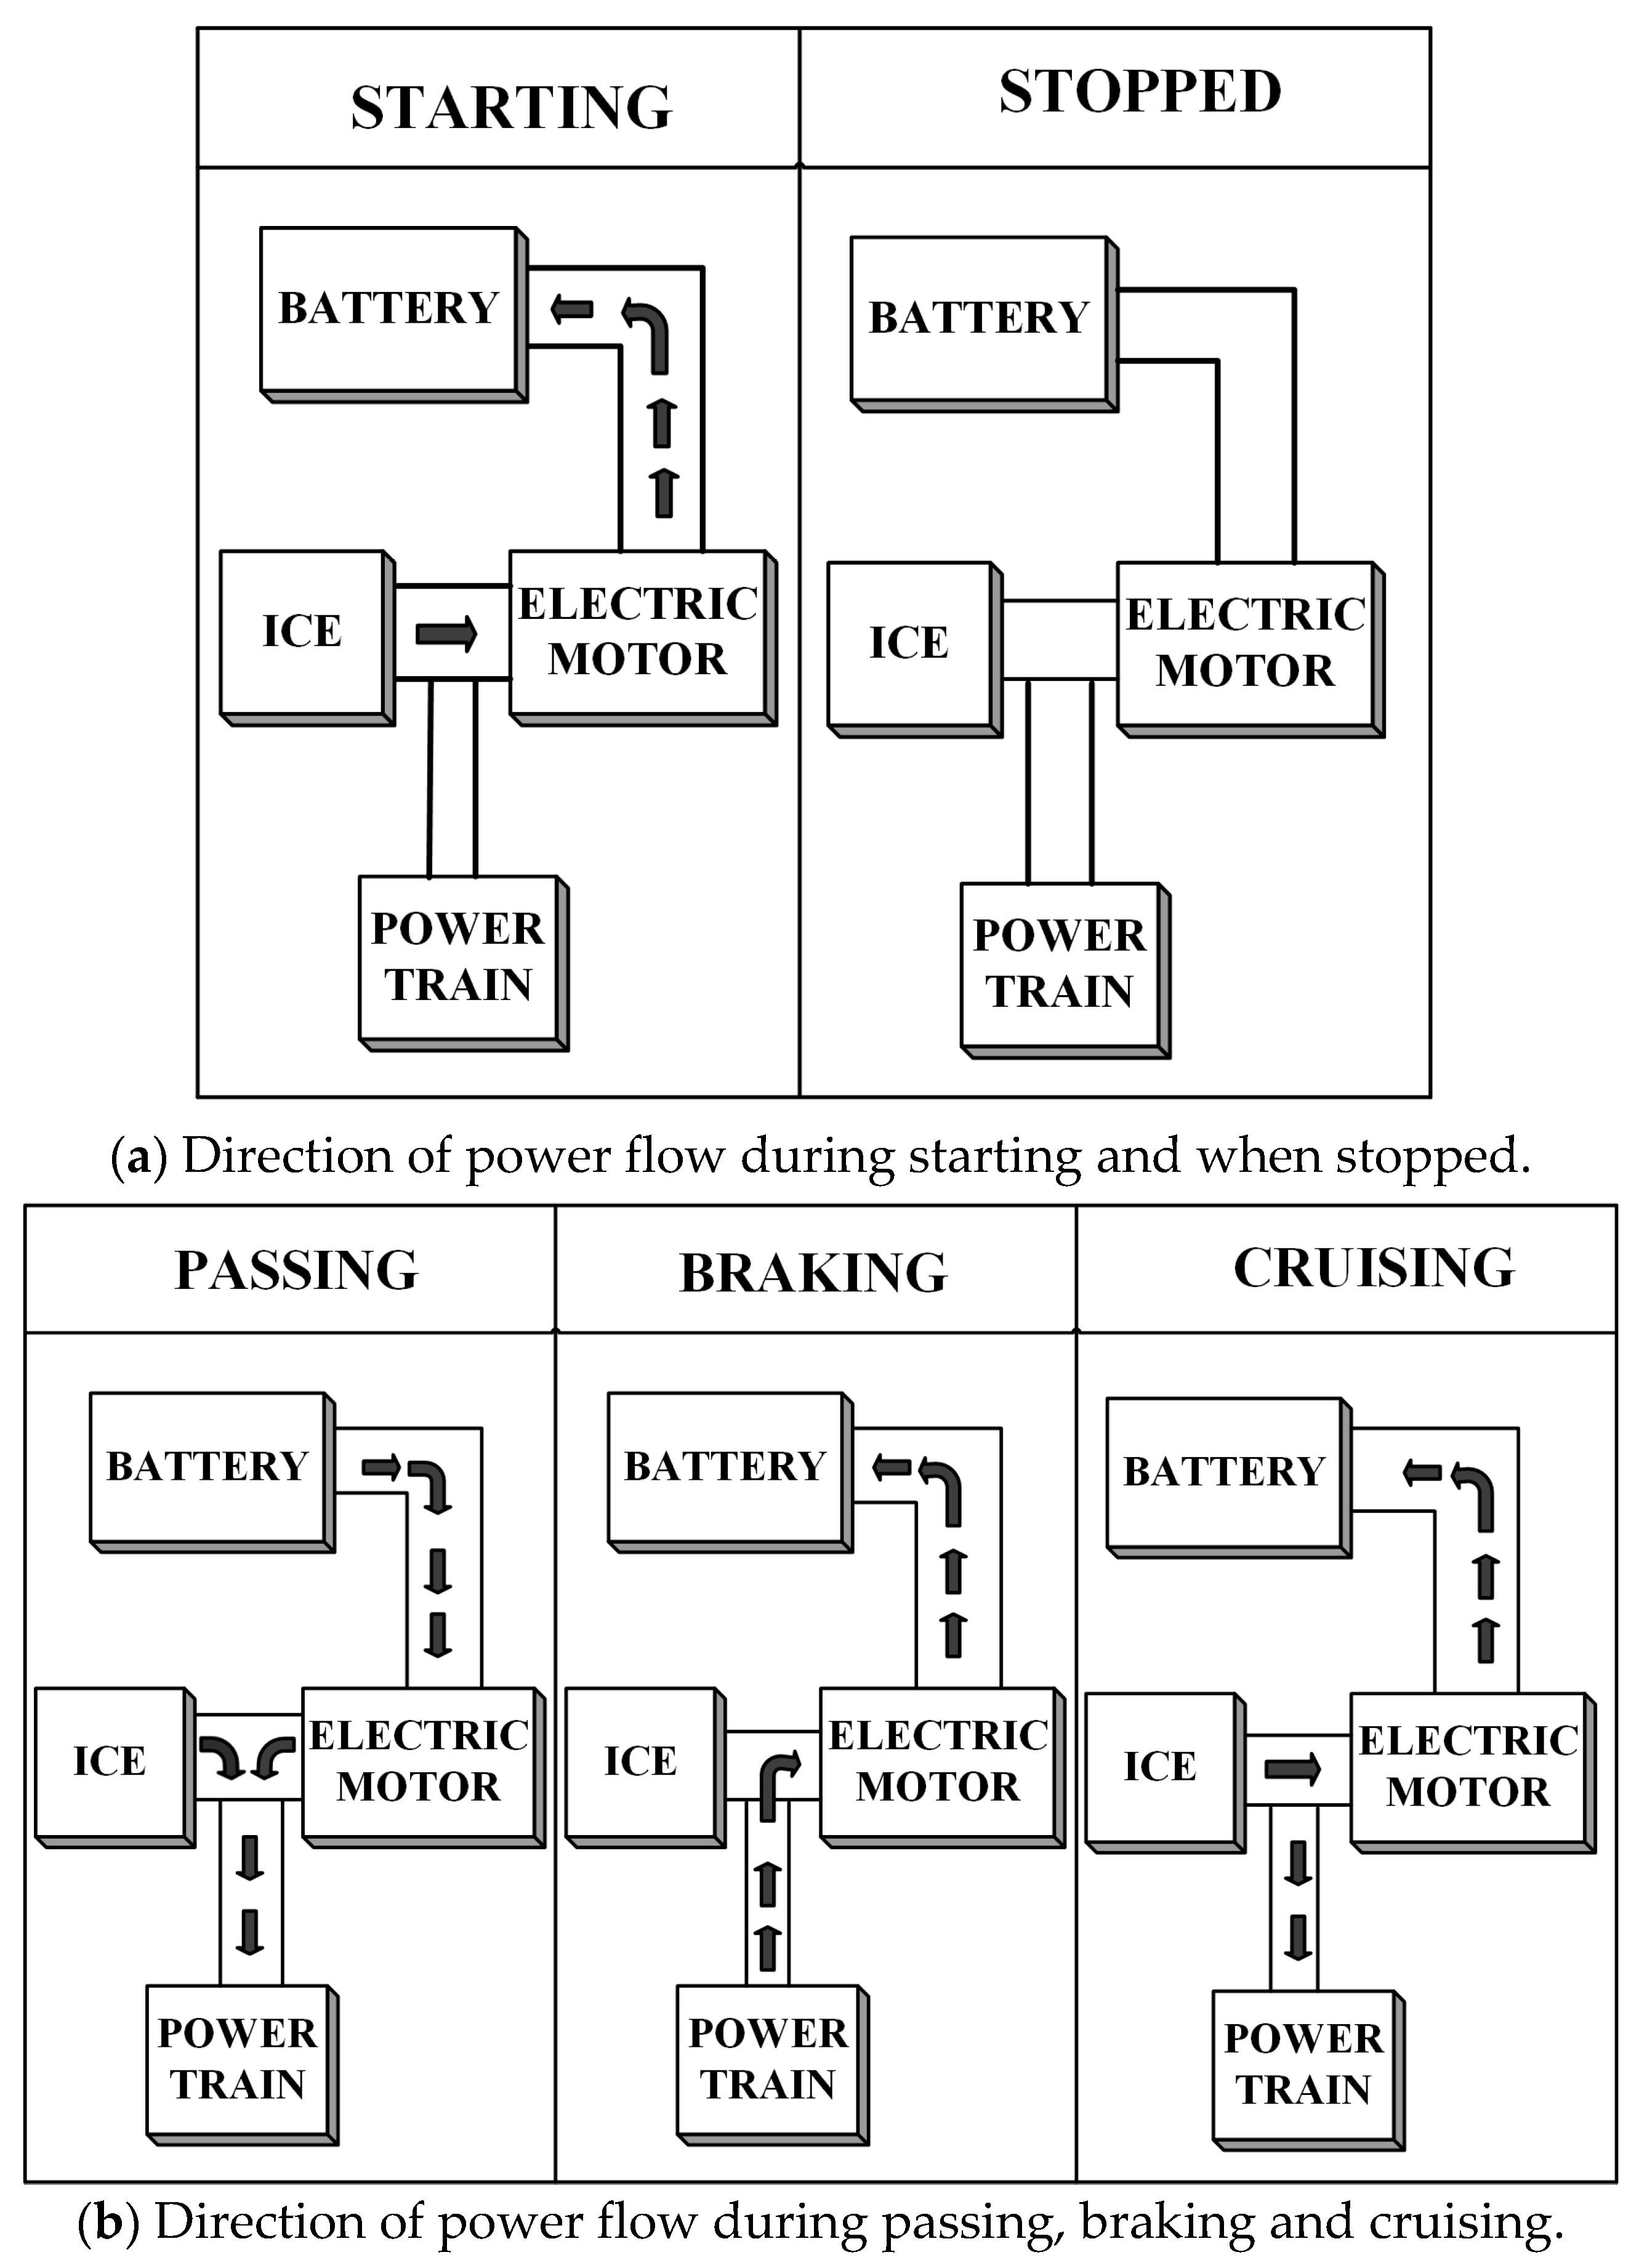 Electric Car Battery Diagram Energies Free Full Text Of Electric Car Battery Diagram